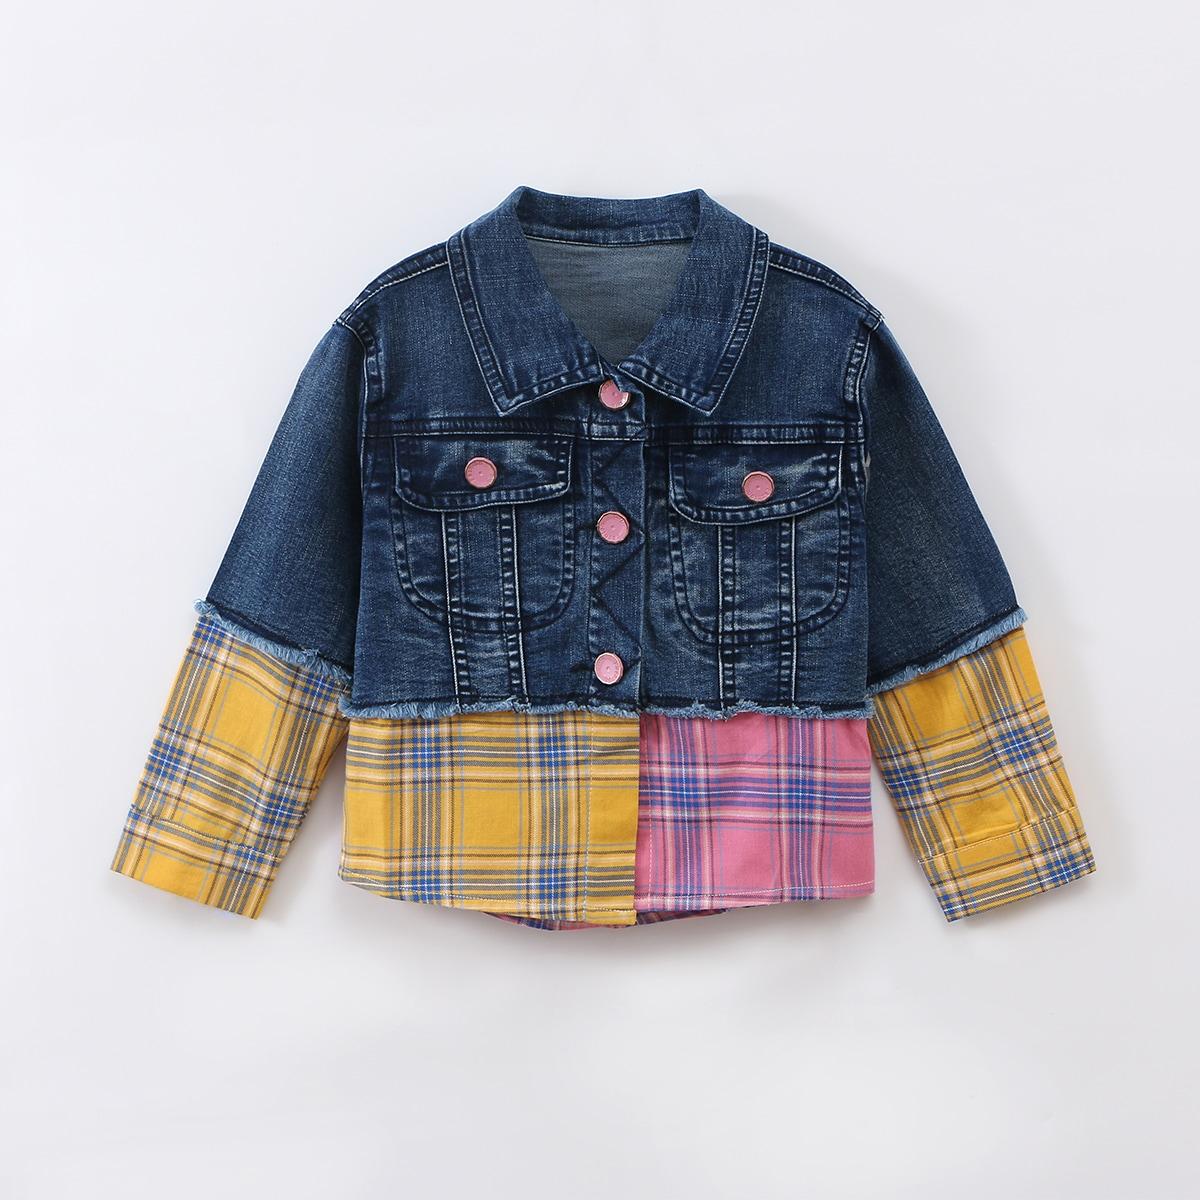 Джинсовая куртка с клапаном и карманами в клетку для маленьких девочек